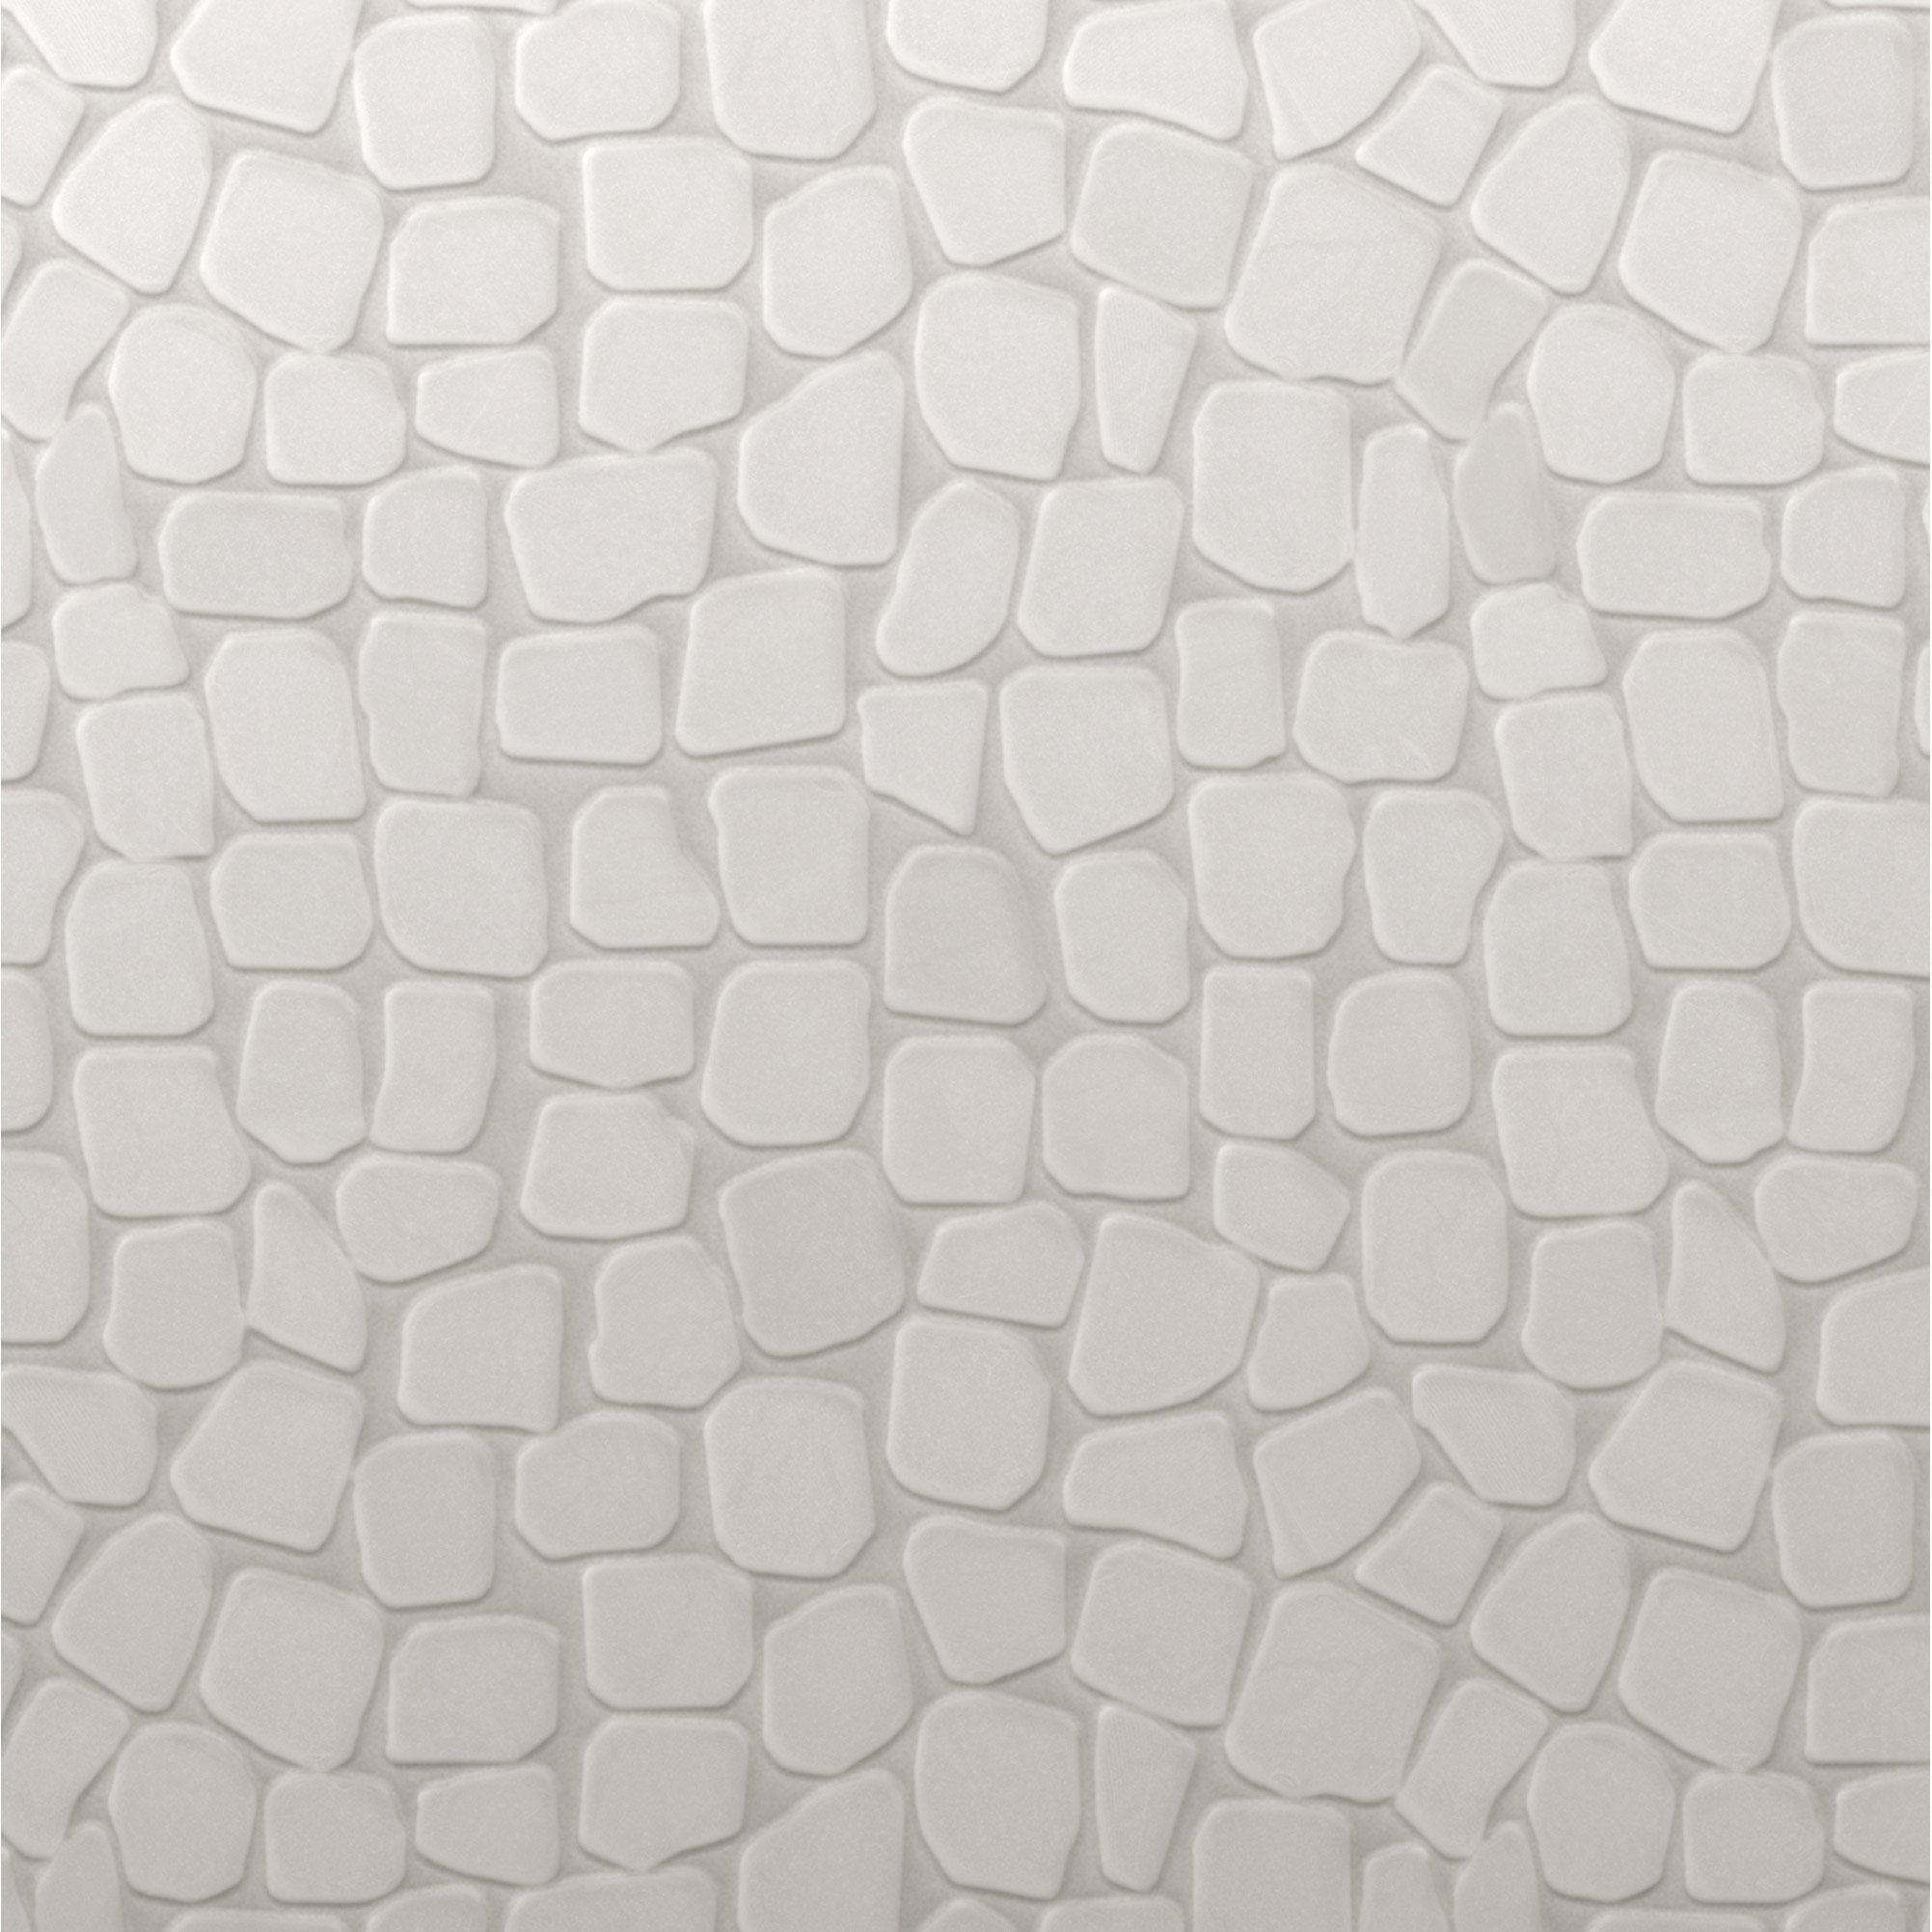 Galets Sol Et Mur River Stone Blanc En 2020 Sol Et Mur Galets Sol